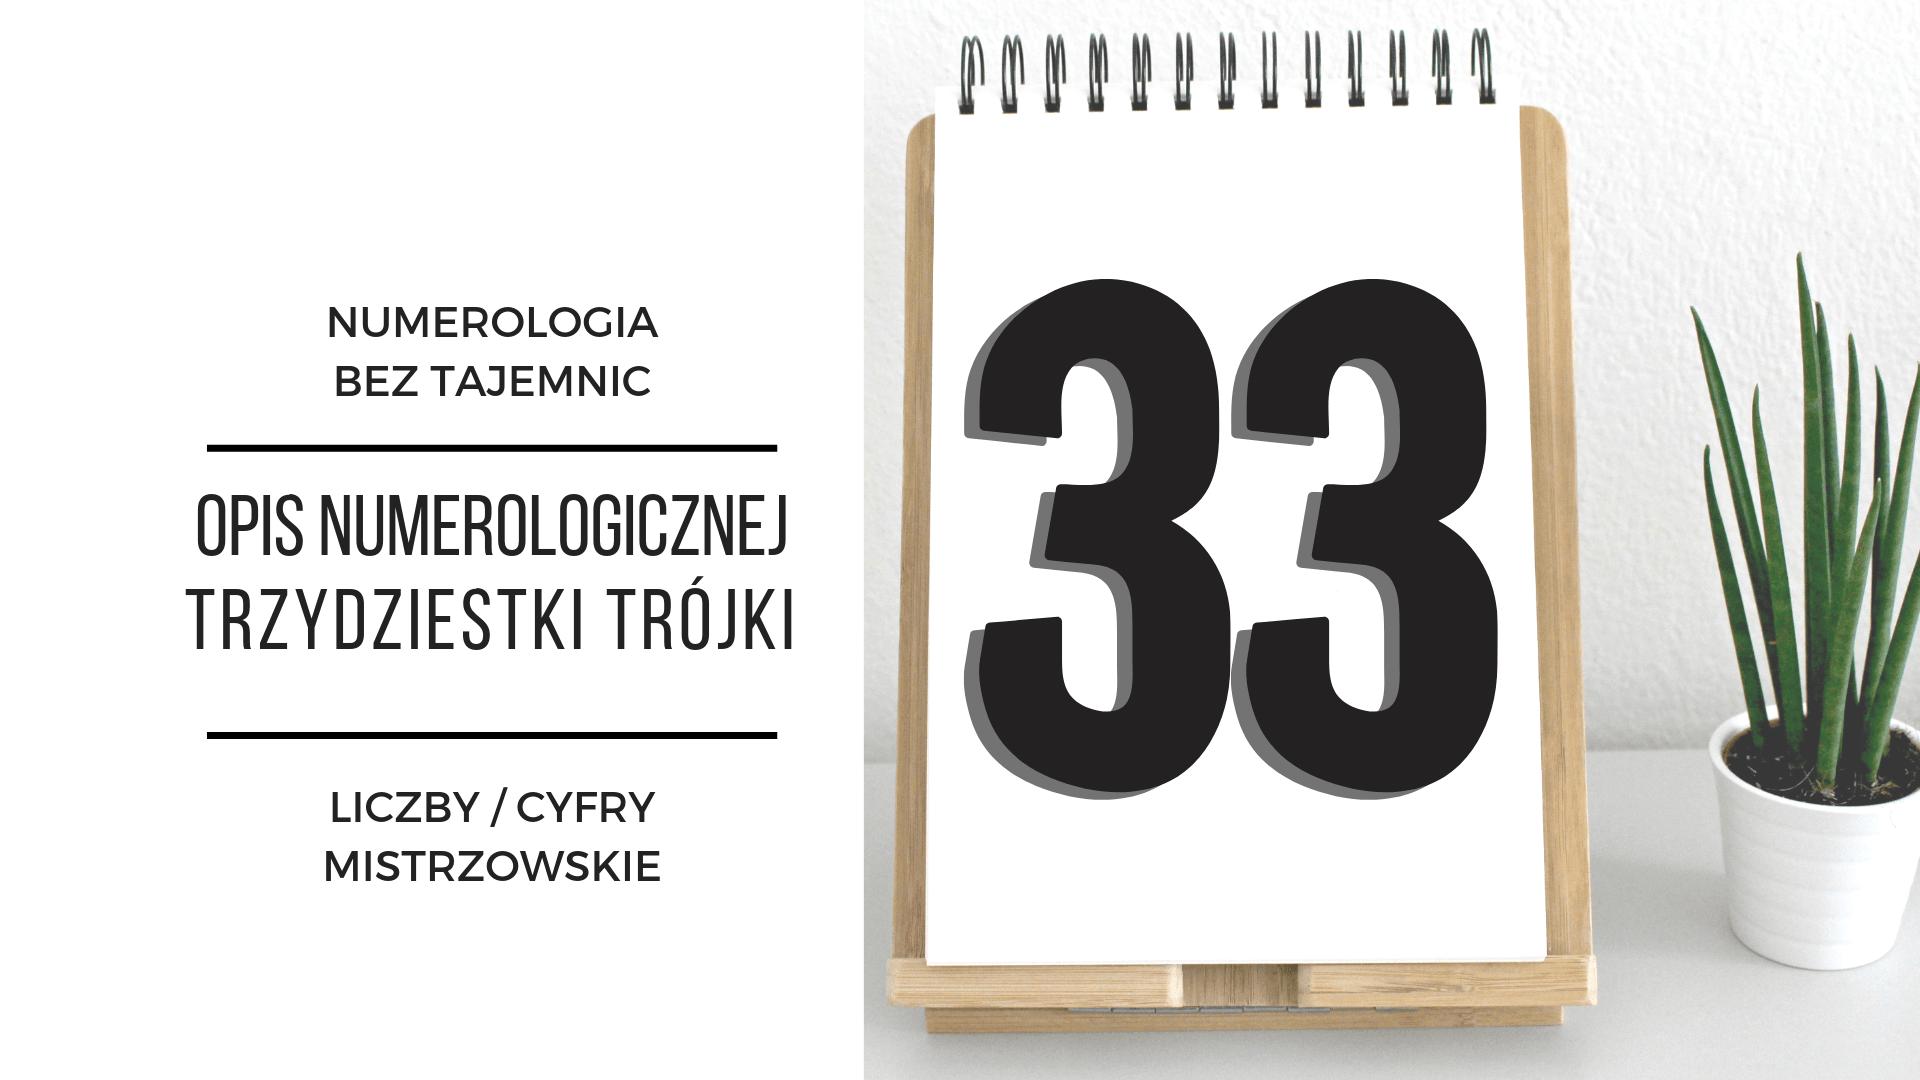 Numerologia 33 – opis numerologicznej trzydziestki trójki – cyfry mistrzowskie 2